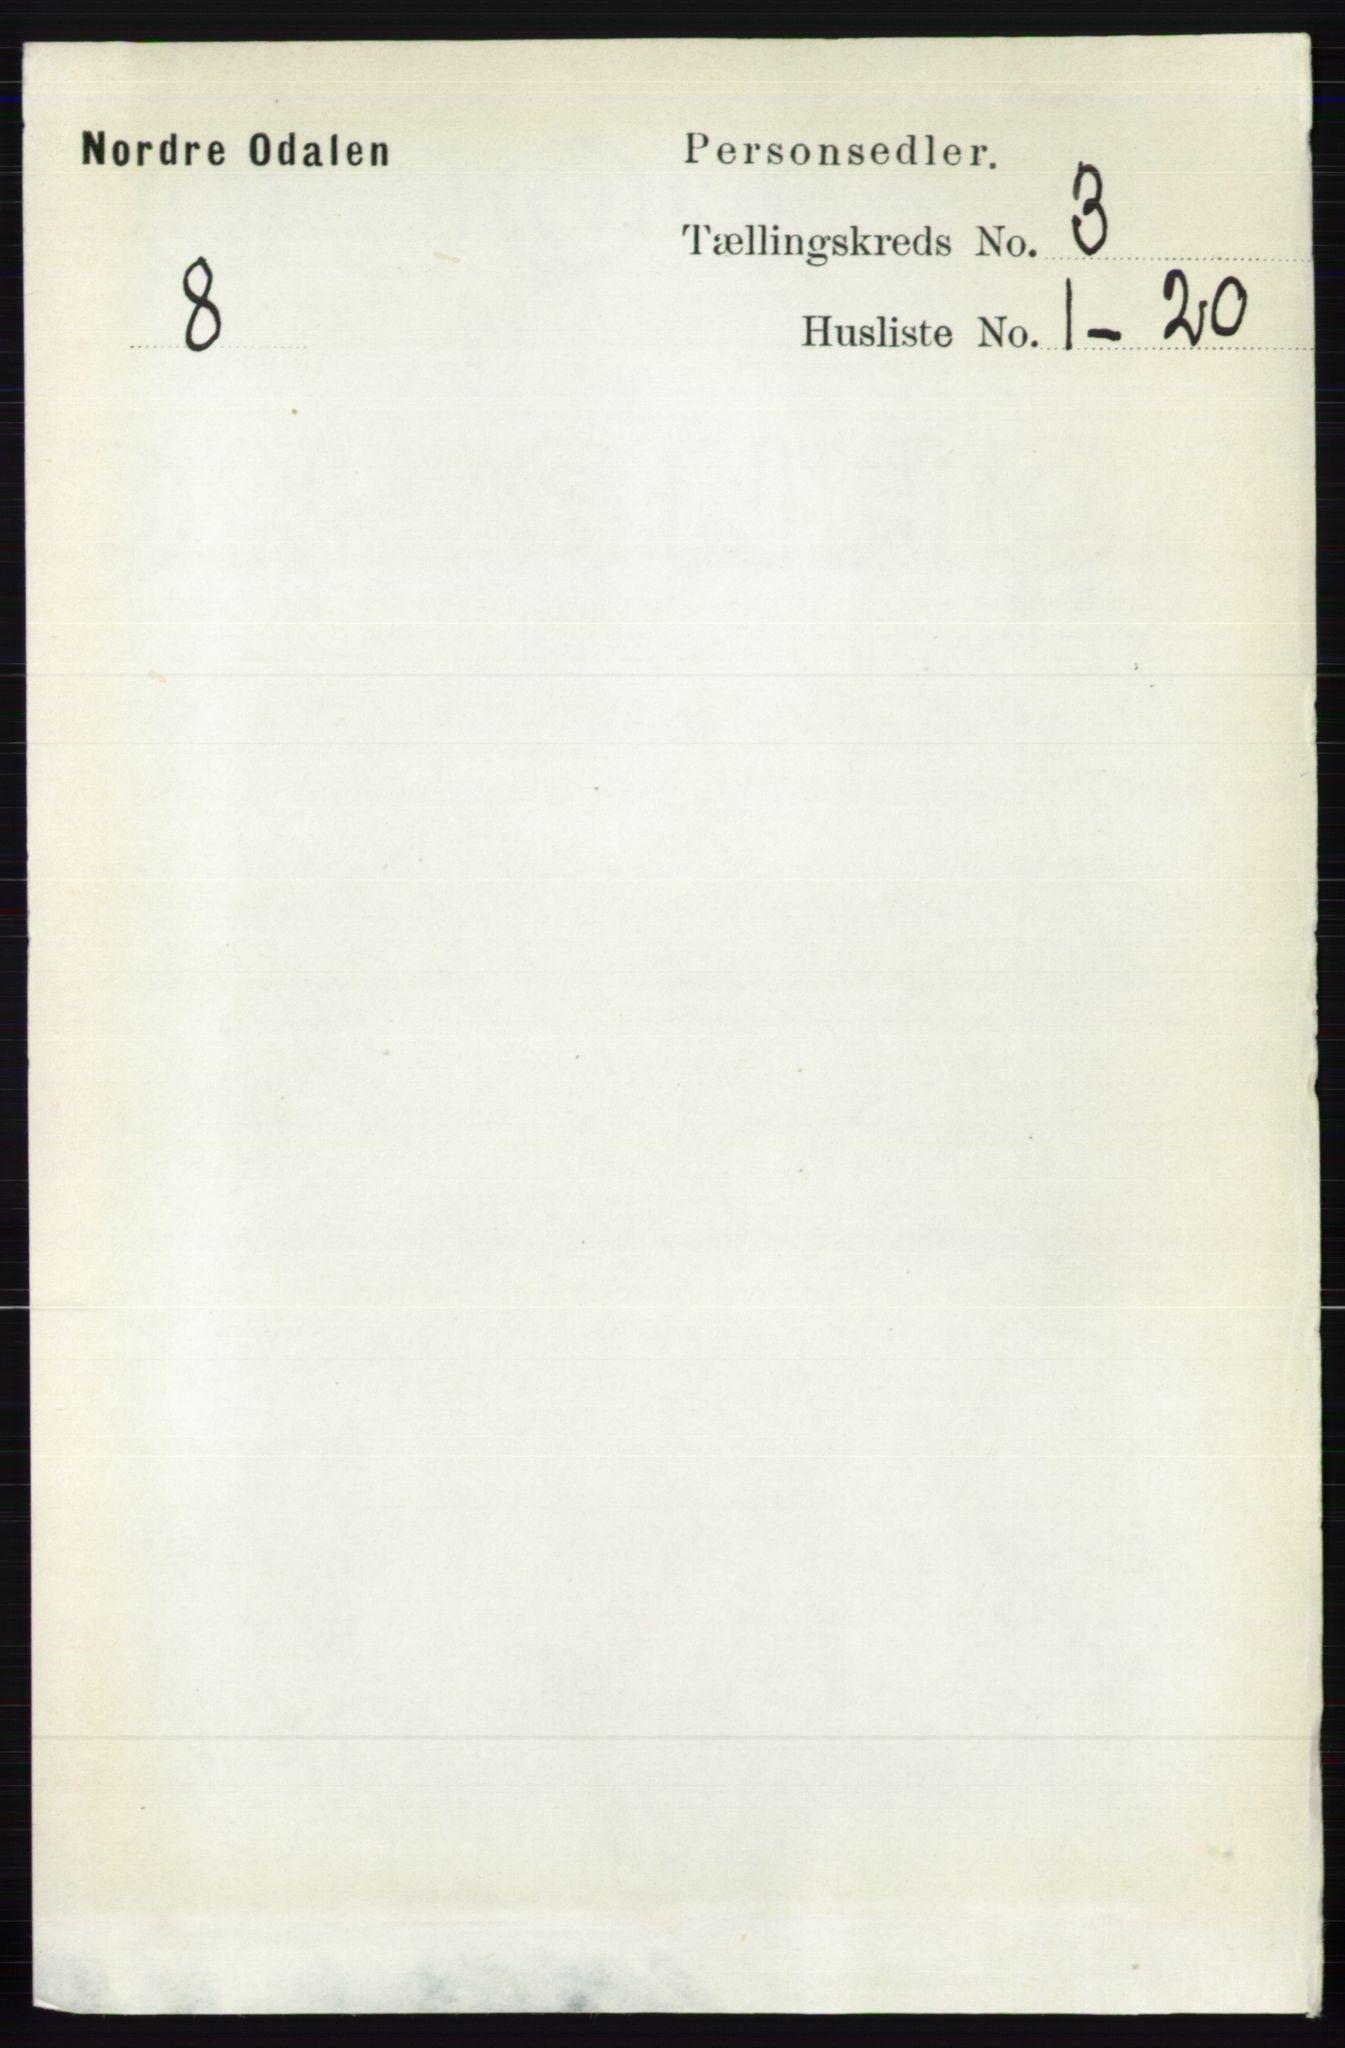 RA, Folketelling 1891 for 0418 Nord-Odal herred, 1891, s. 818